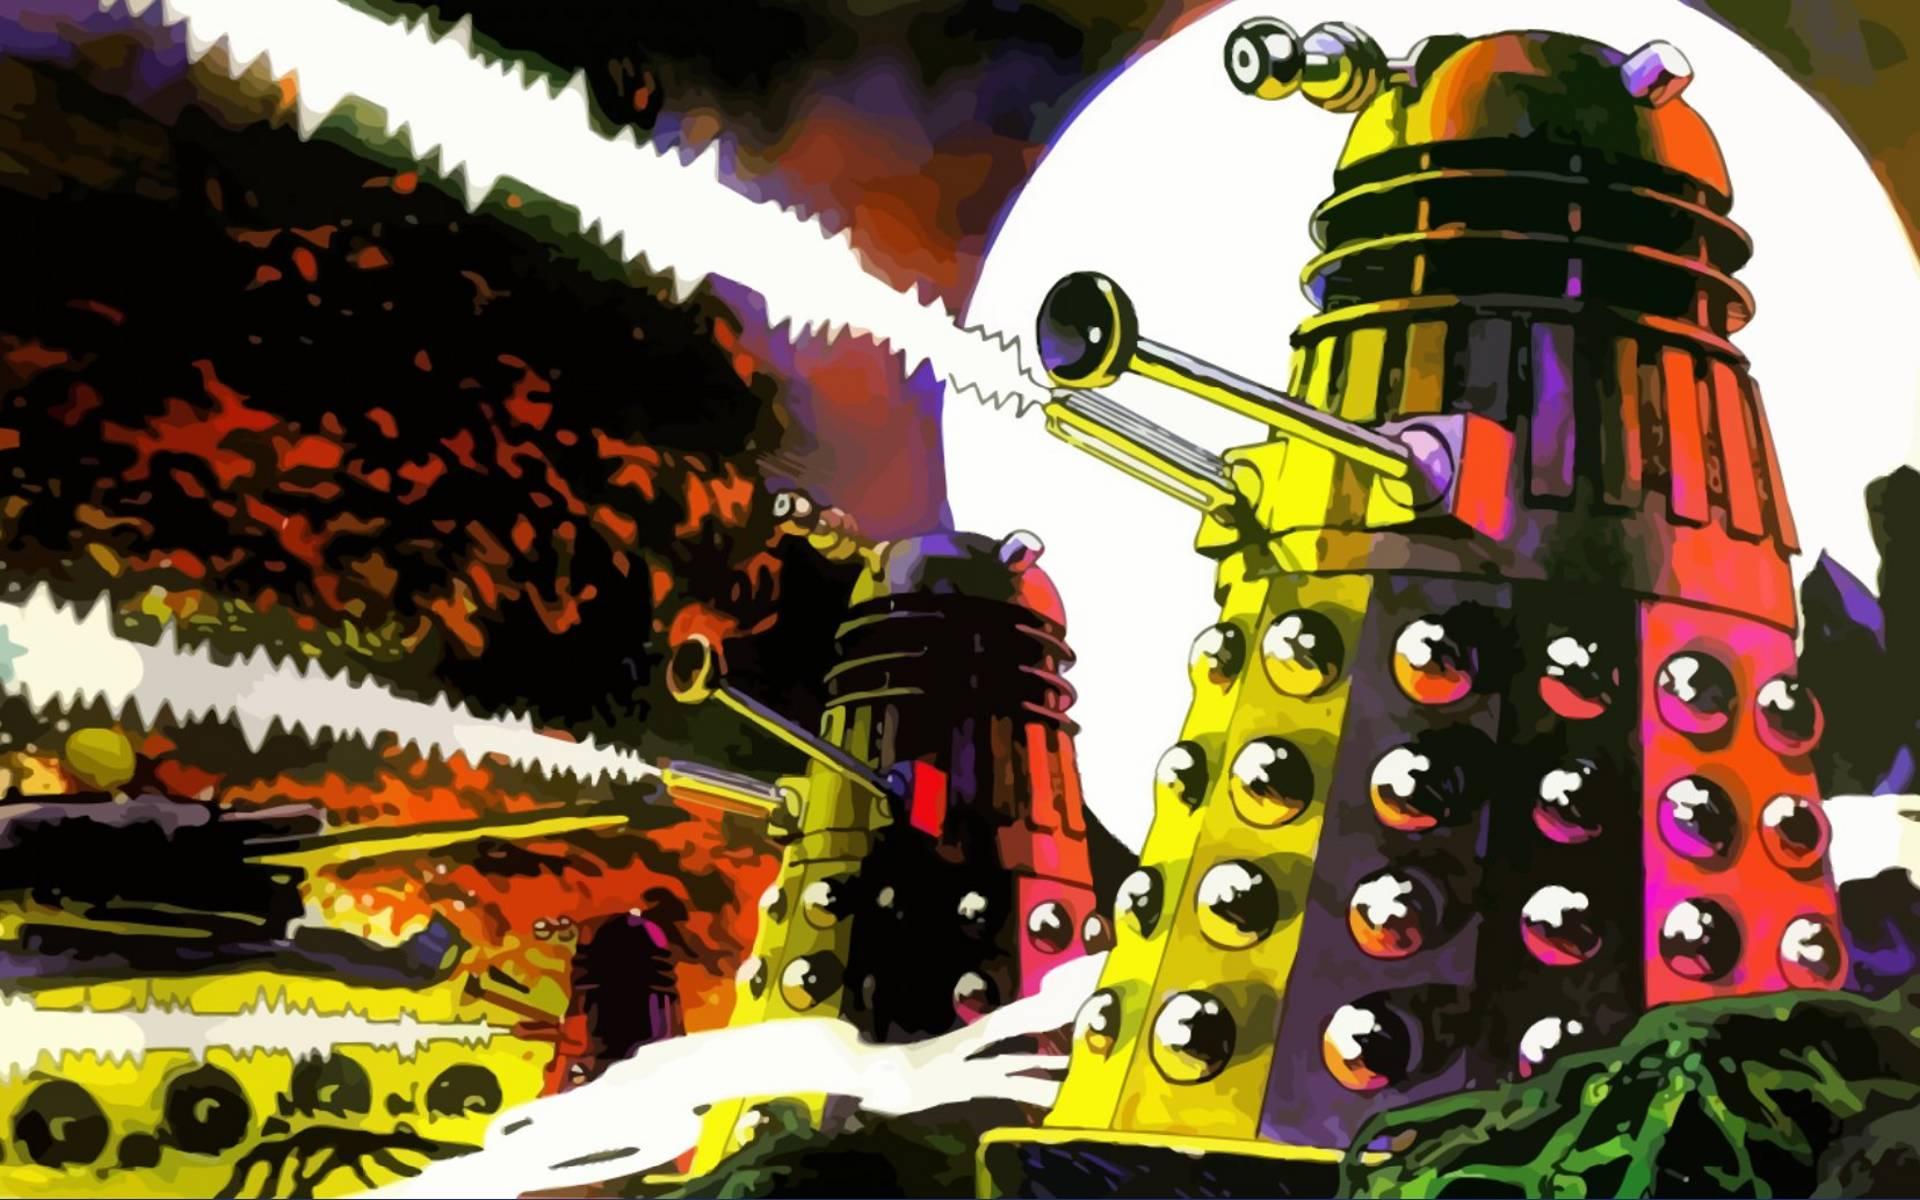 Dalek to Victory Wallpaper - WallpaperSafari